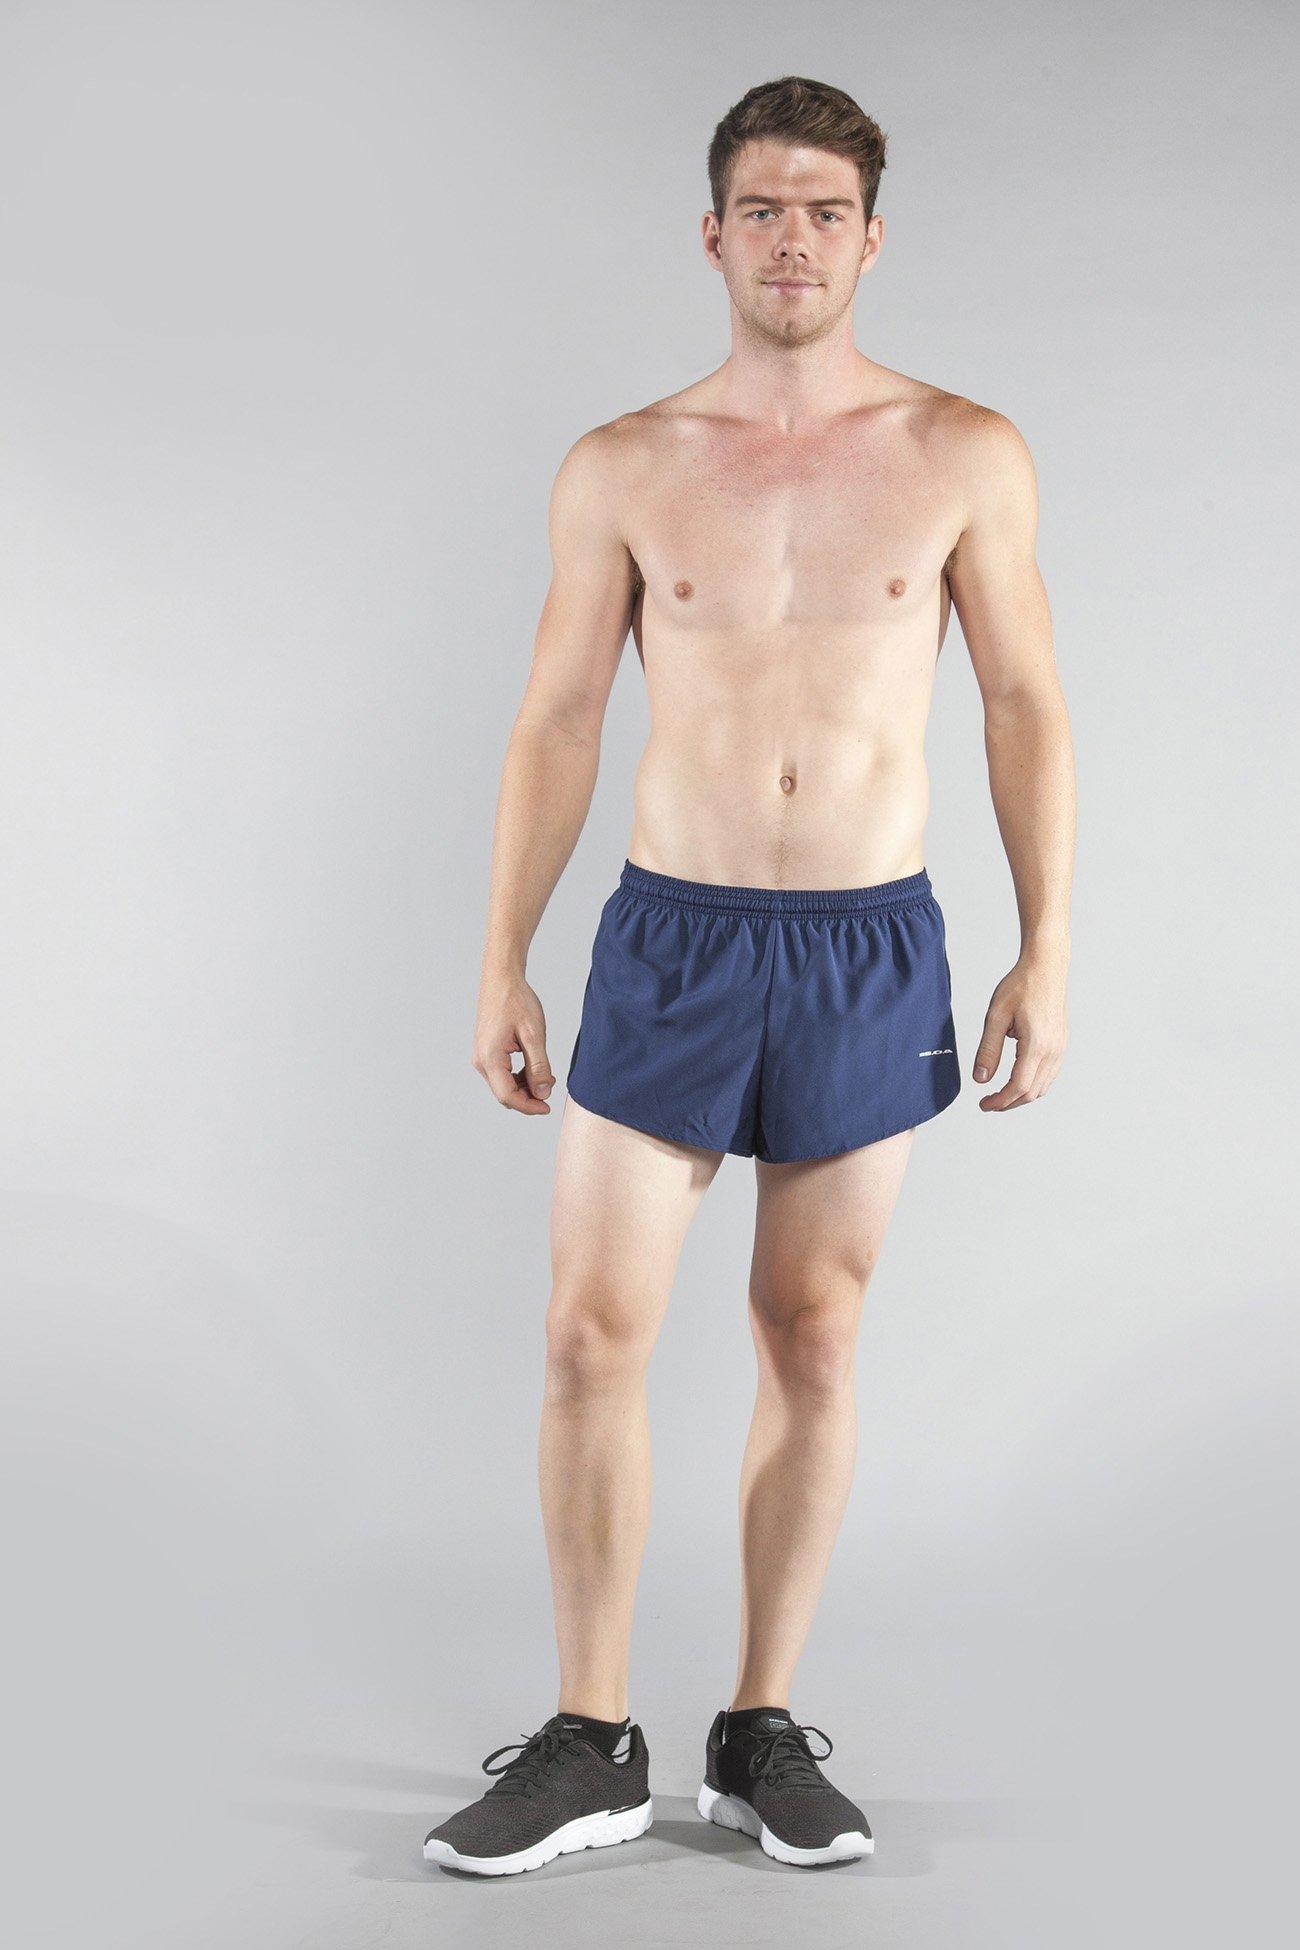 mens short shorts mens 1 OOFOJOX